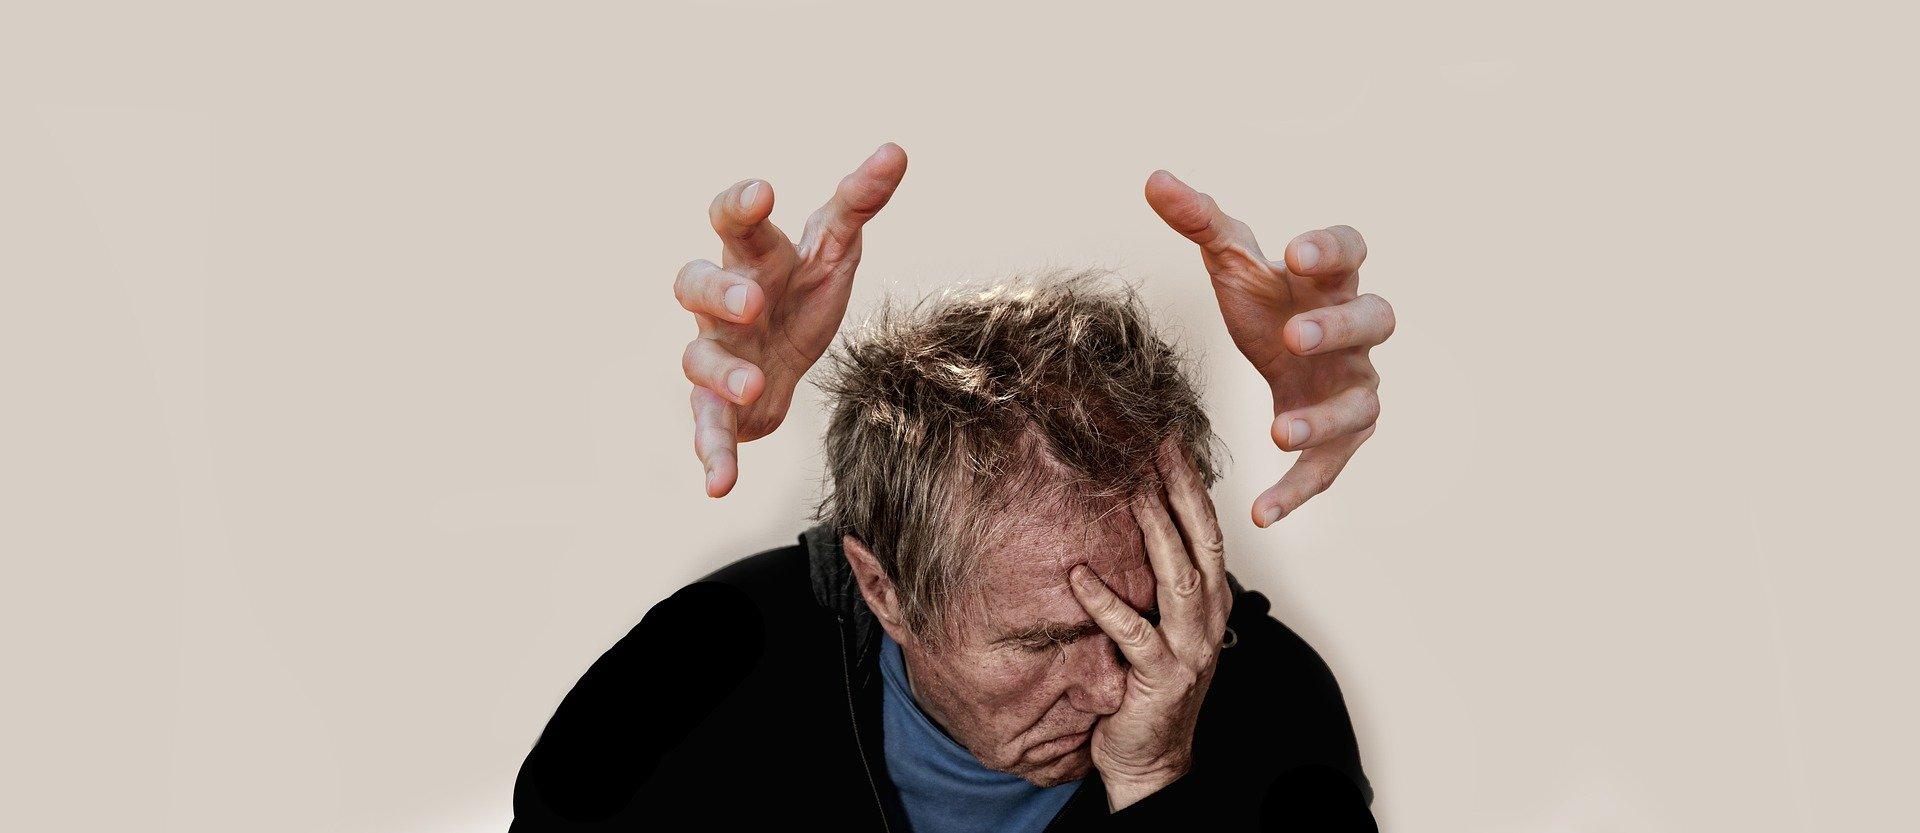 Россиян предупредили о смертельно опасной ошибке при головной боли